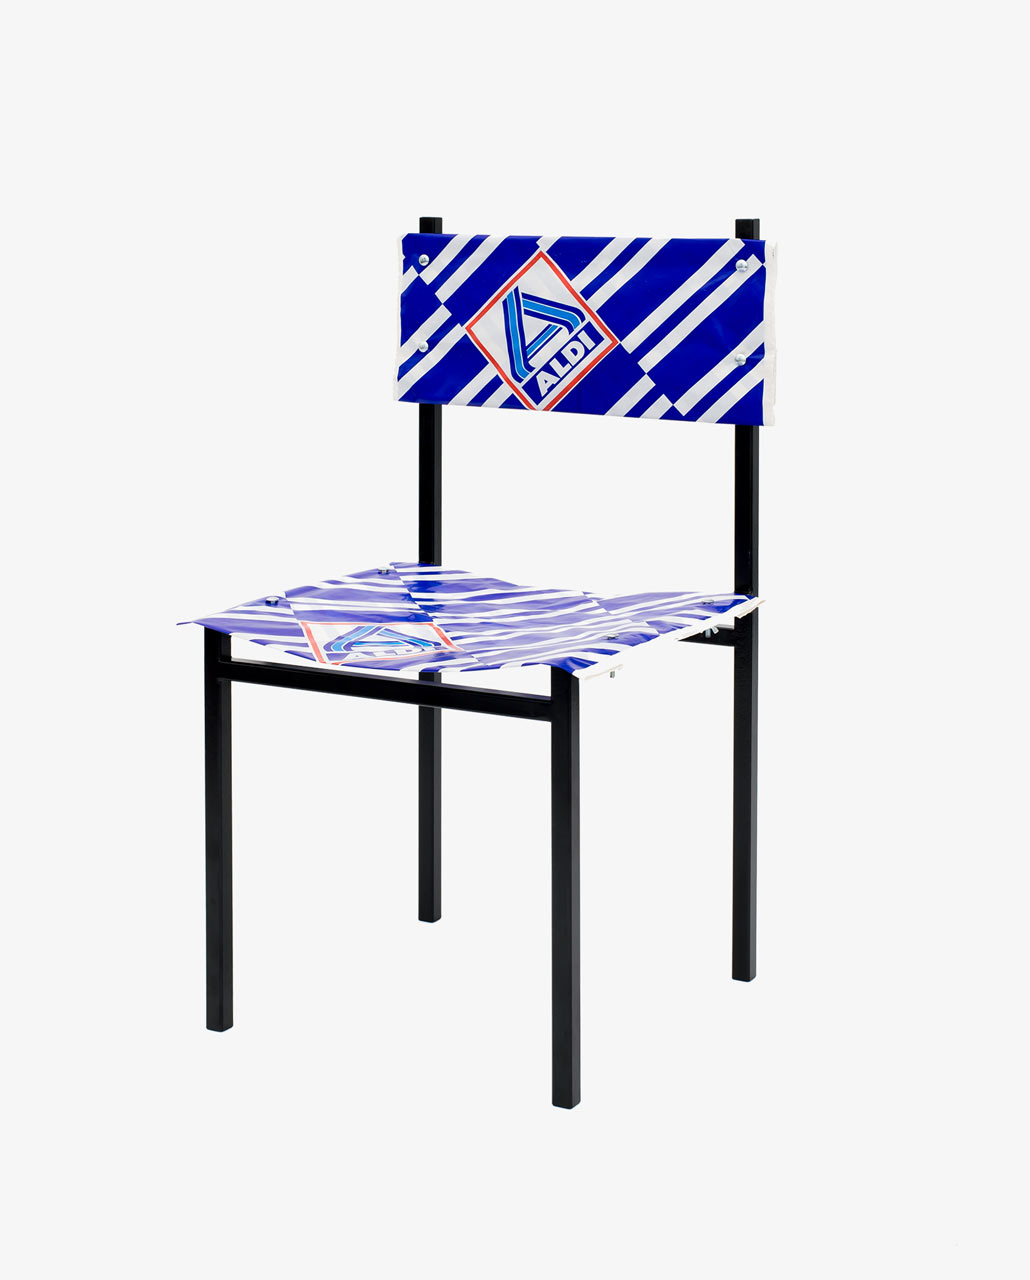 simon_freund-shopping_bag_chairs-hisheji (2)